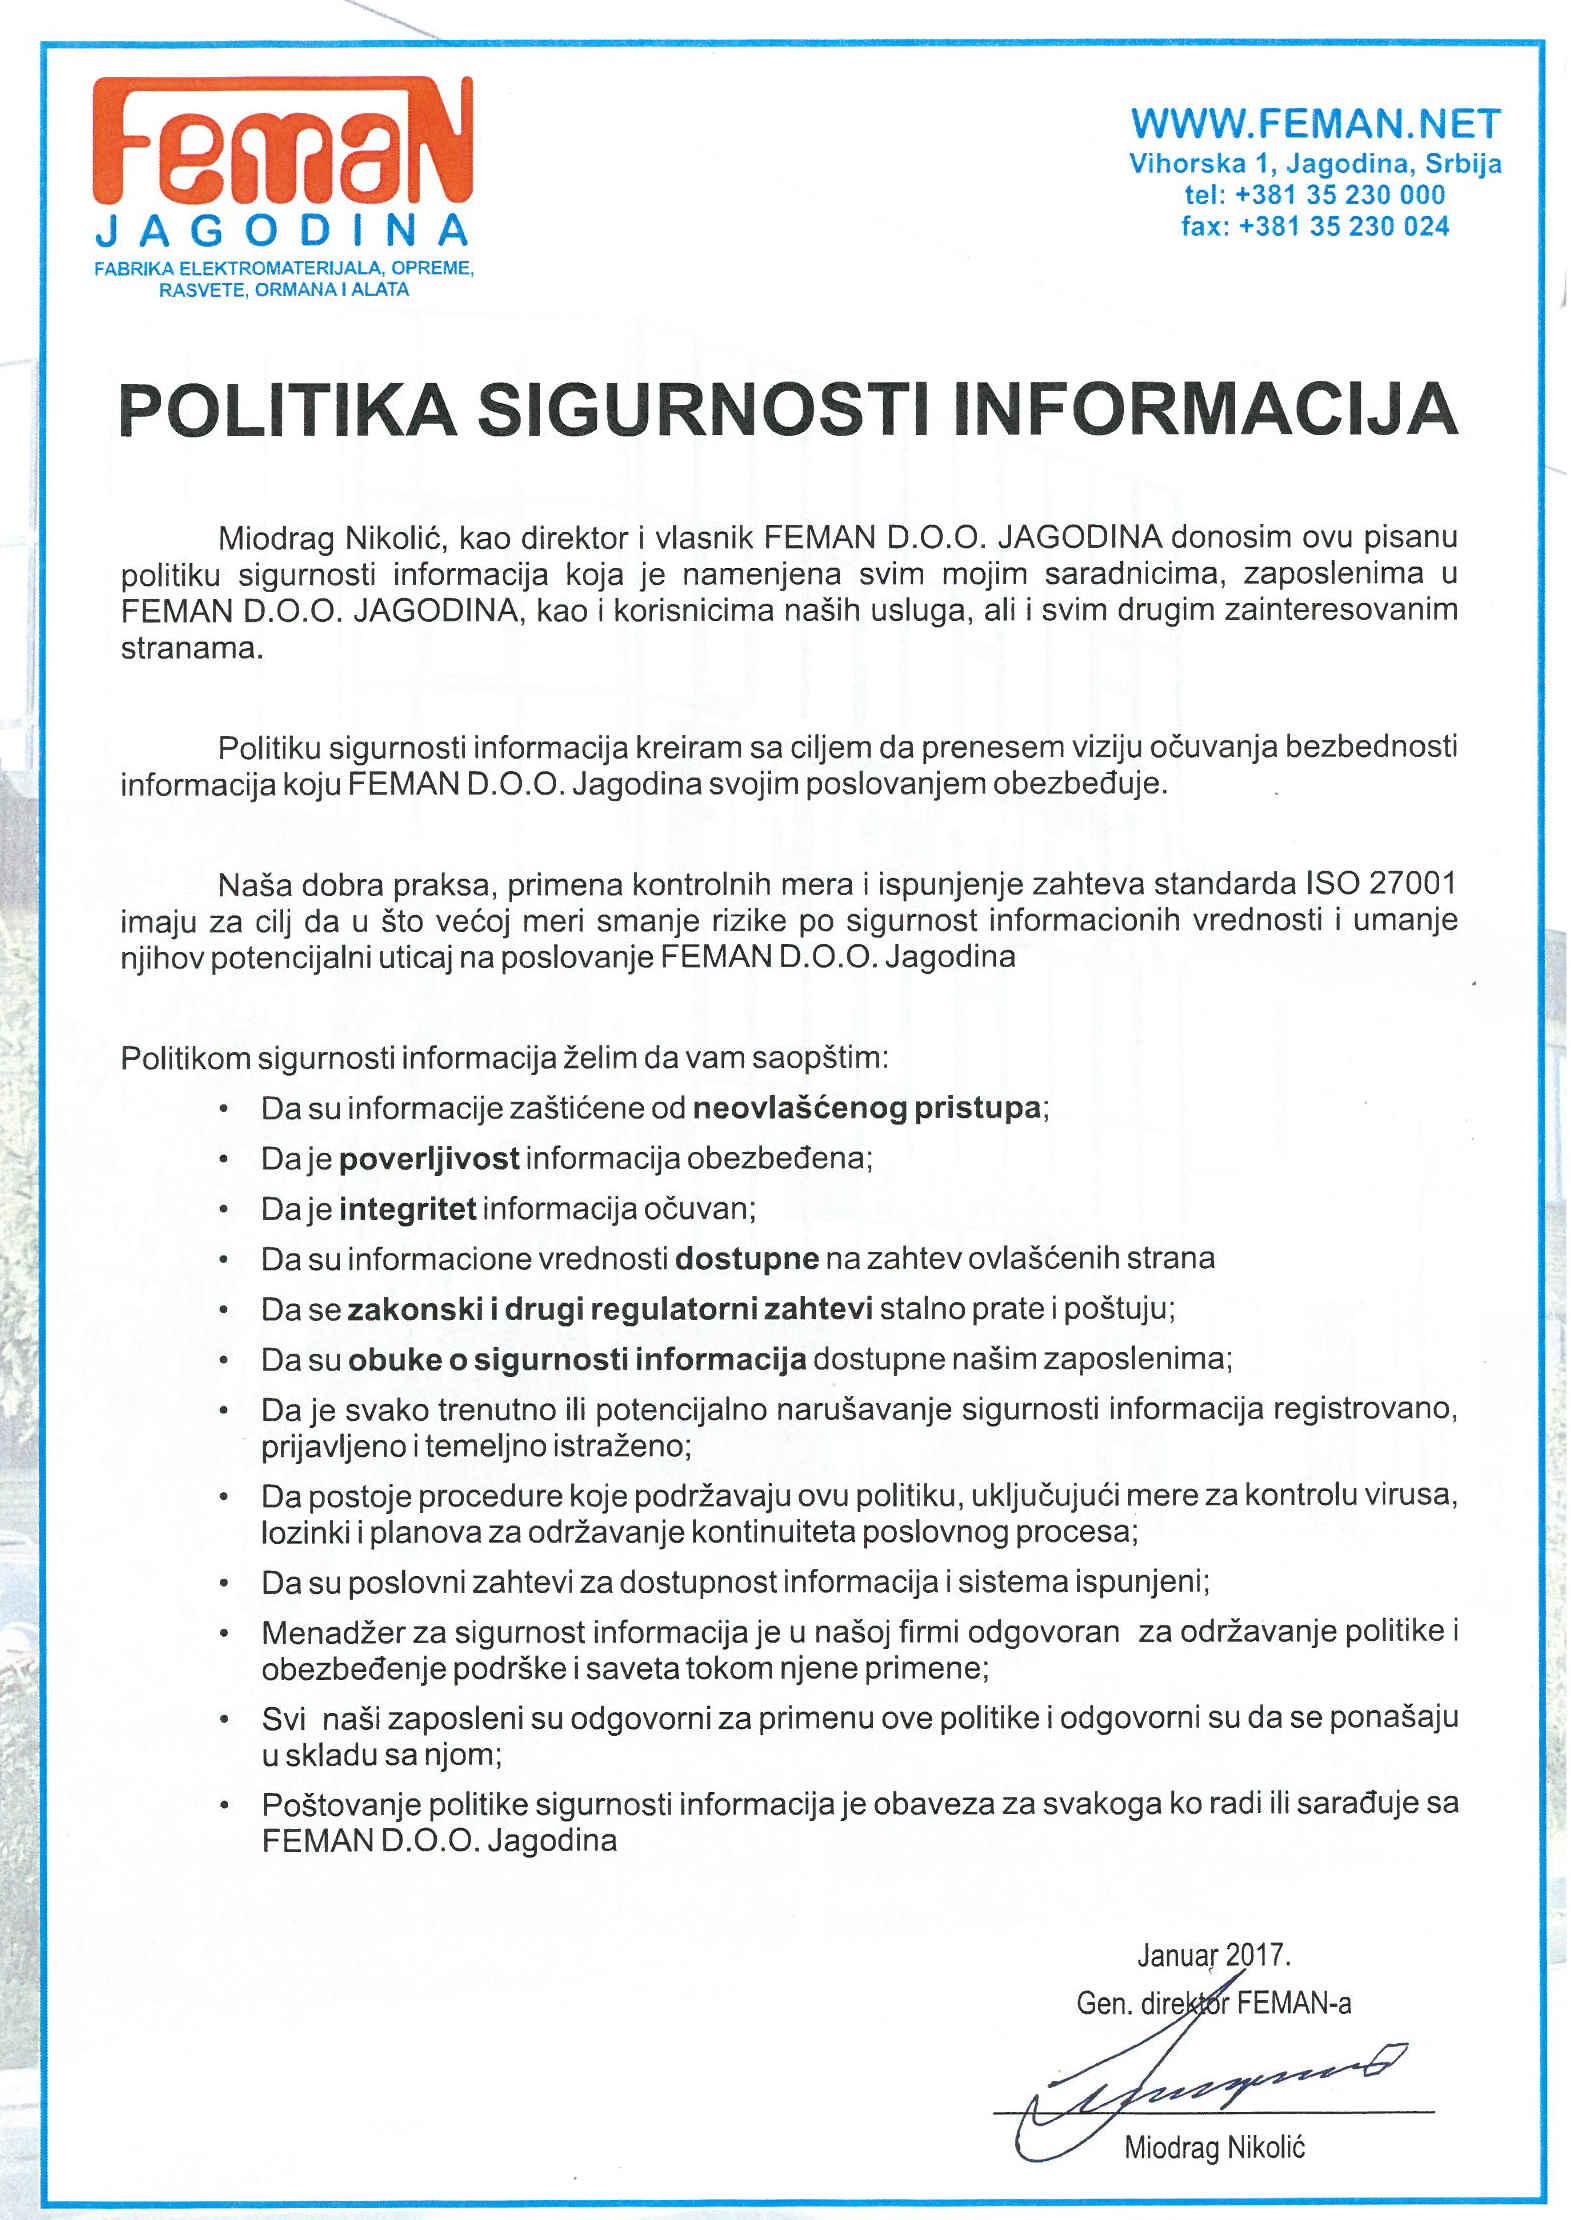 Politika sigurnosti informacija